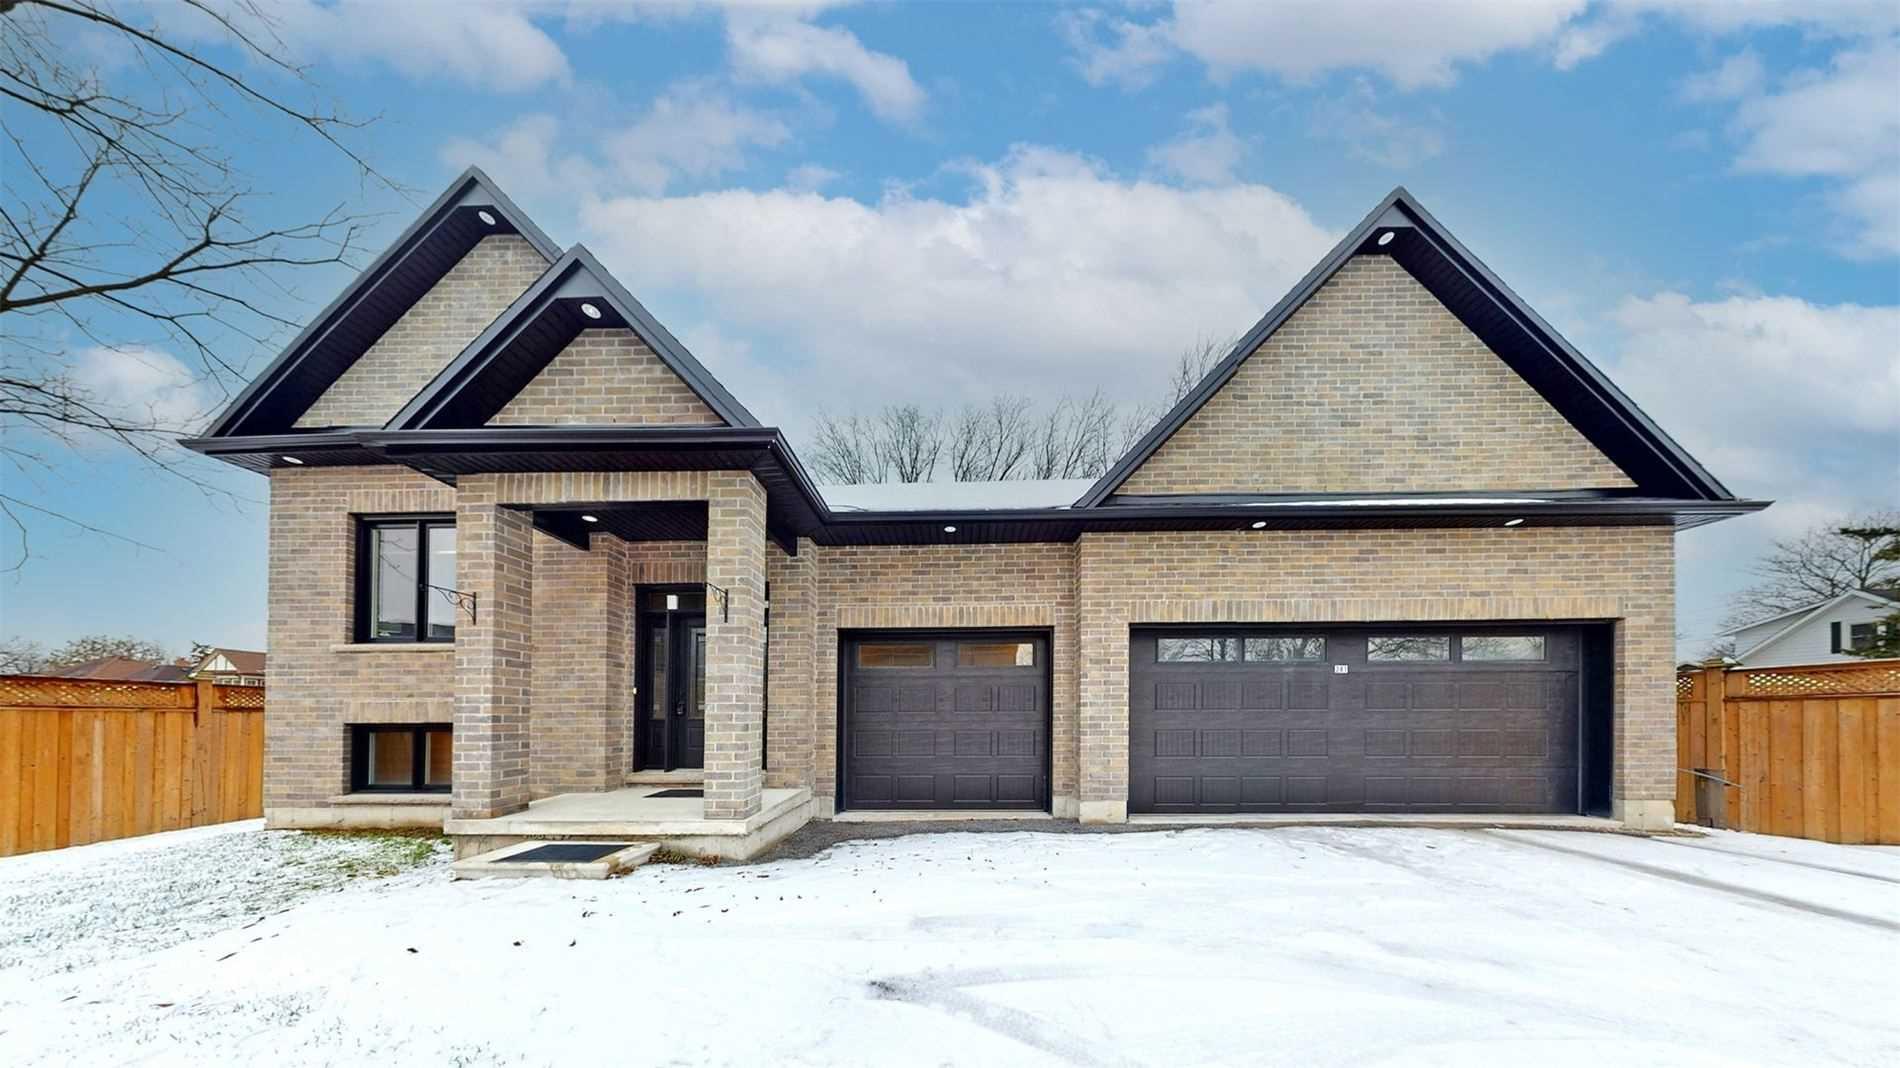 341 Bond St E, Oshawa Ontario, Canada